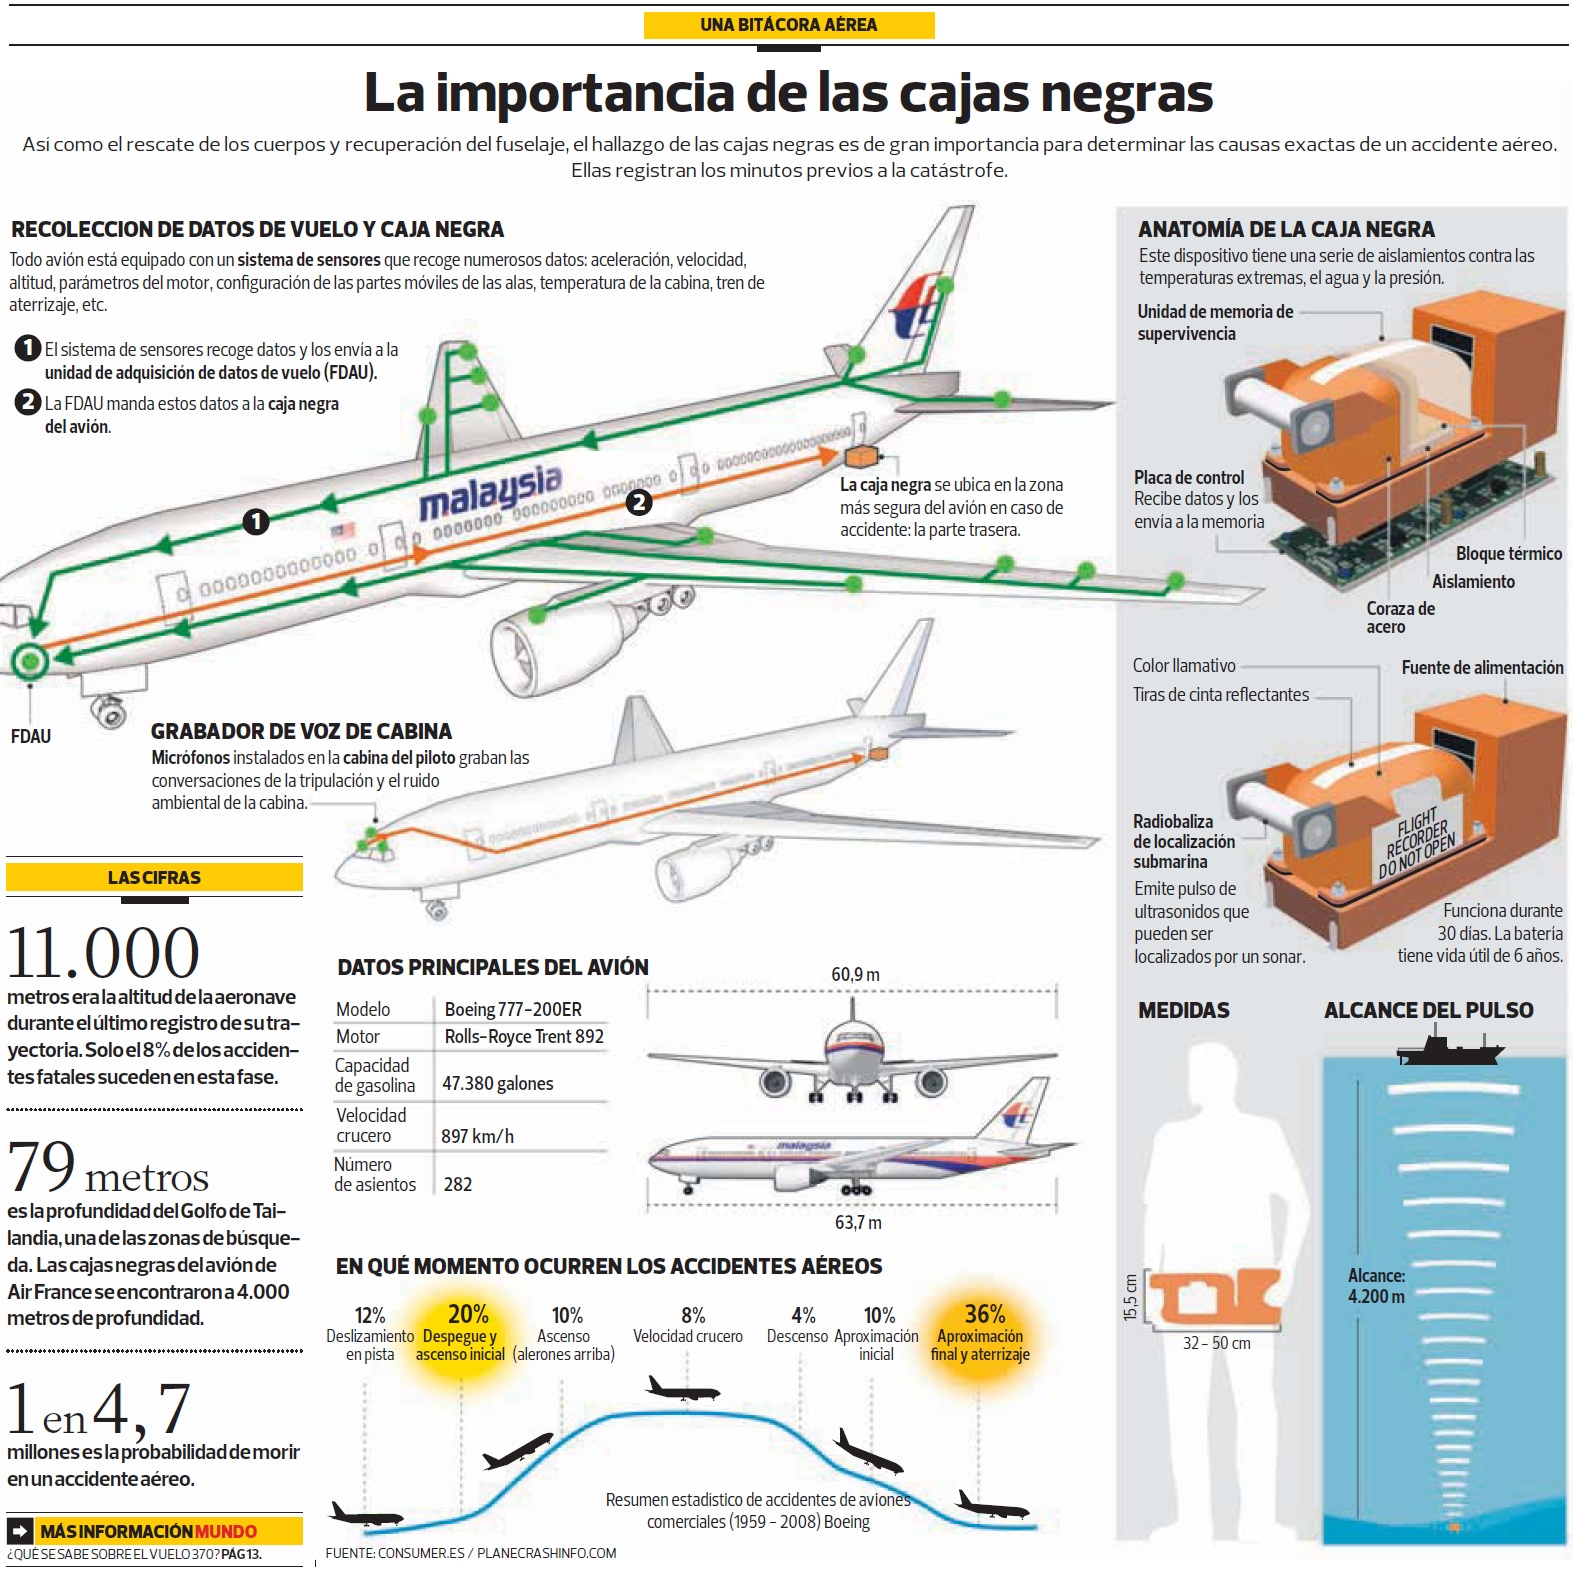 El misterio del avión perdido en tiempos de hipercomunicación   El ...